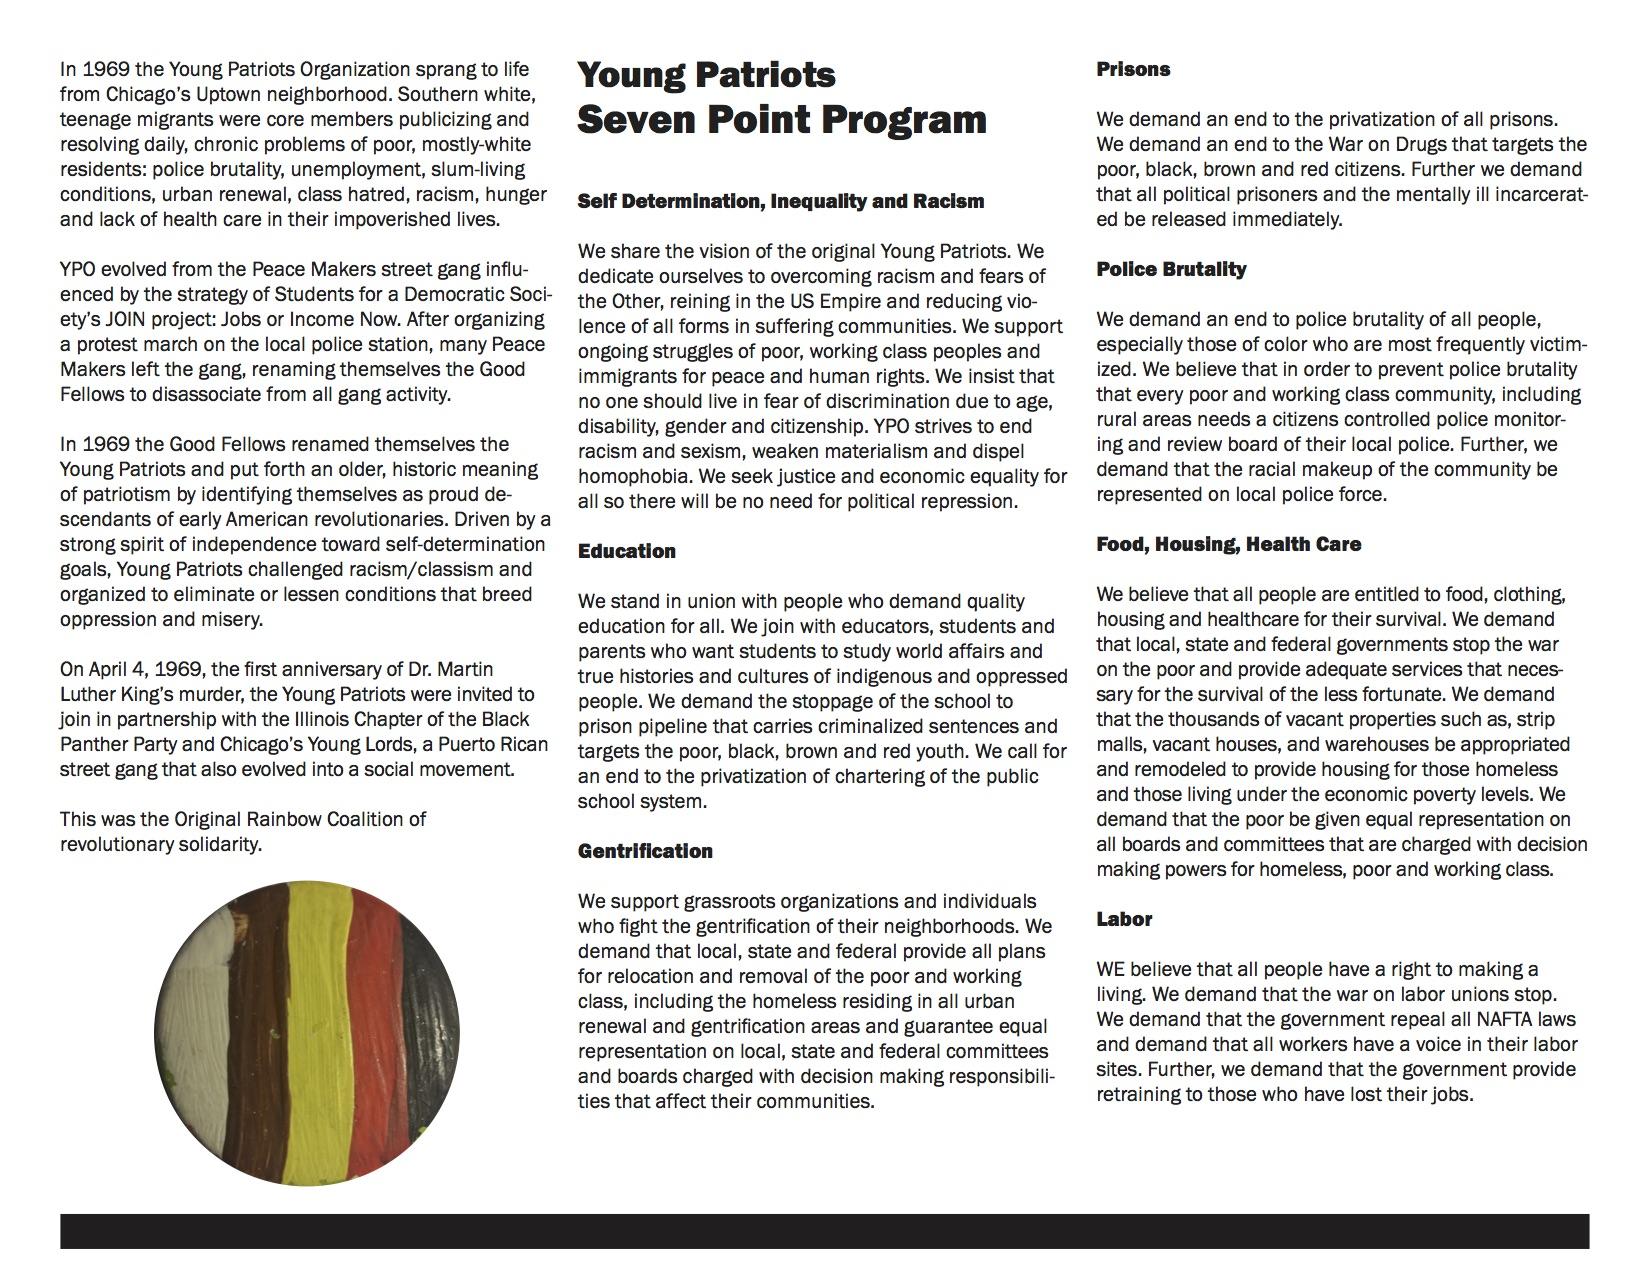 YPObrochure 2.jpg